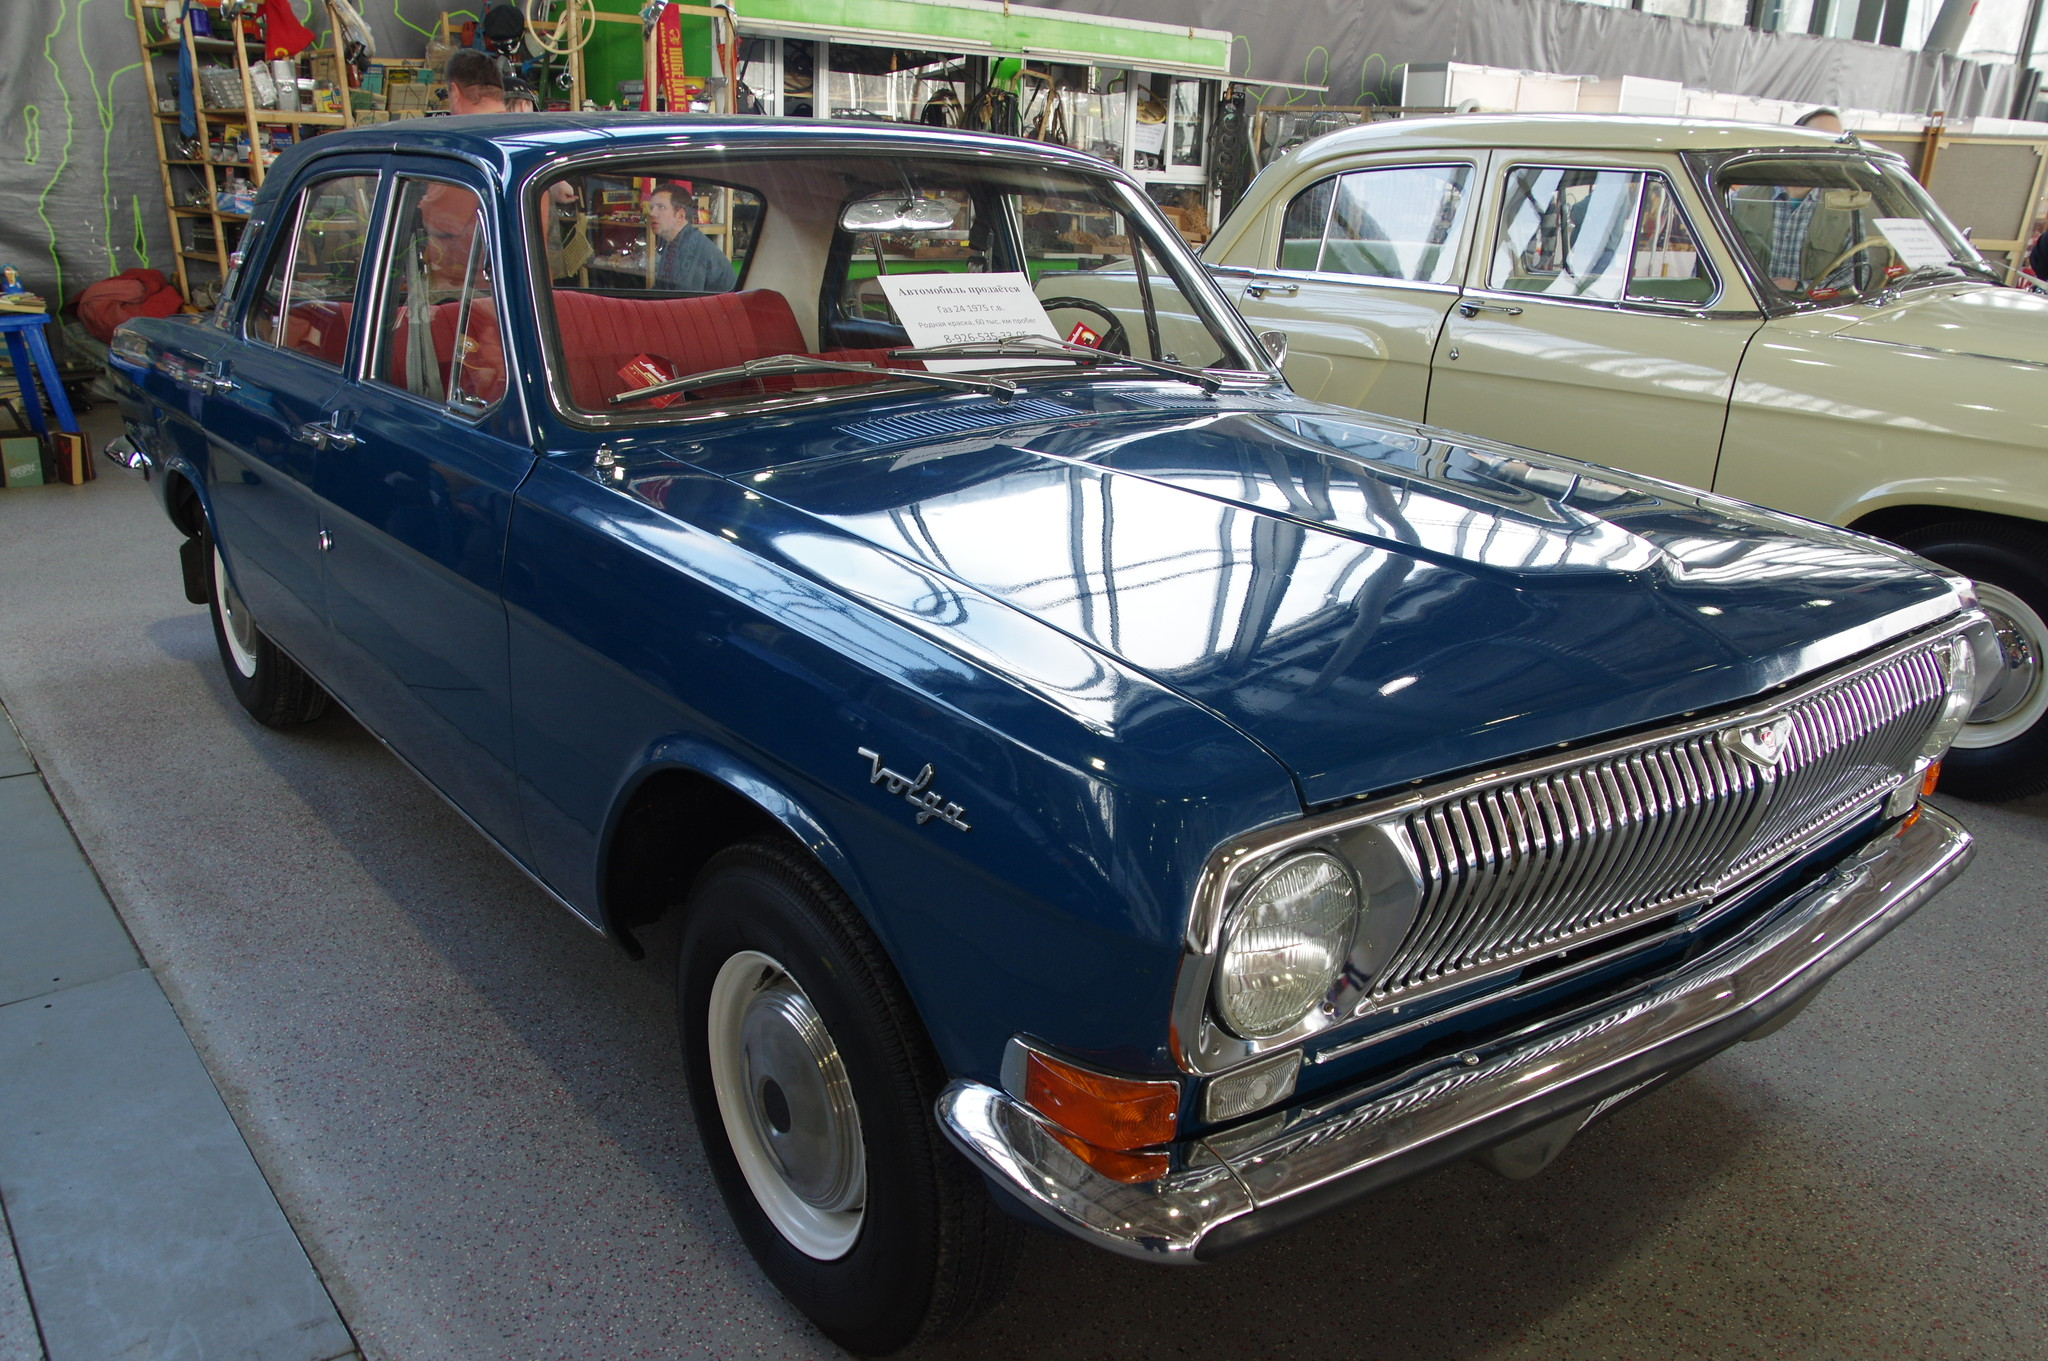 Автомобиль ГАЗ-24 «Волга» 1975 г.в.